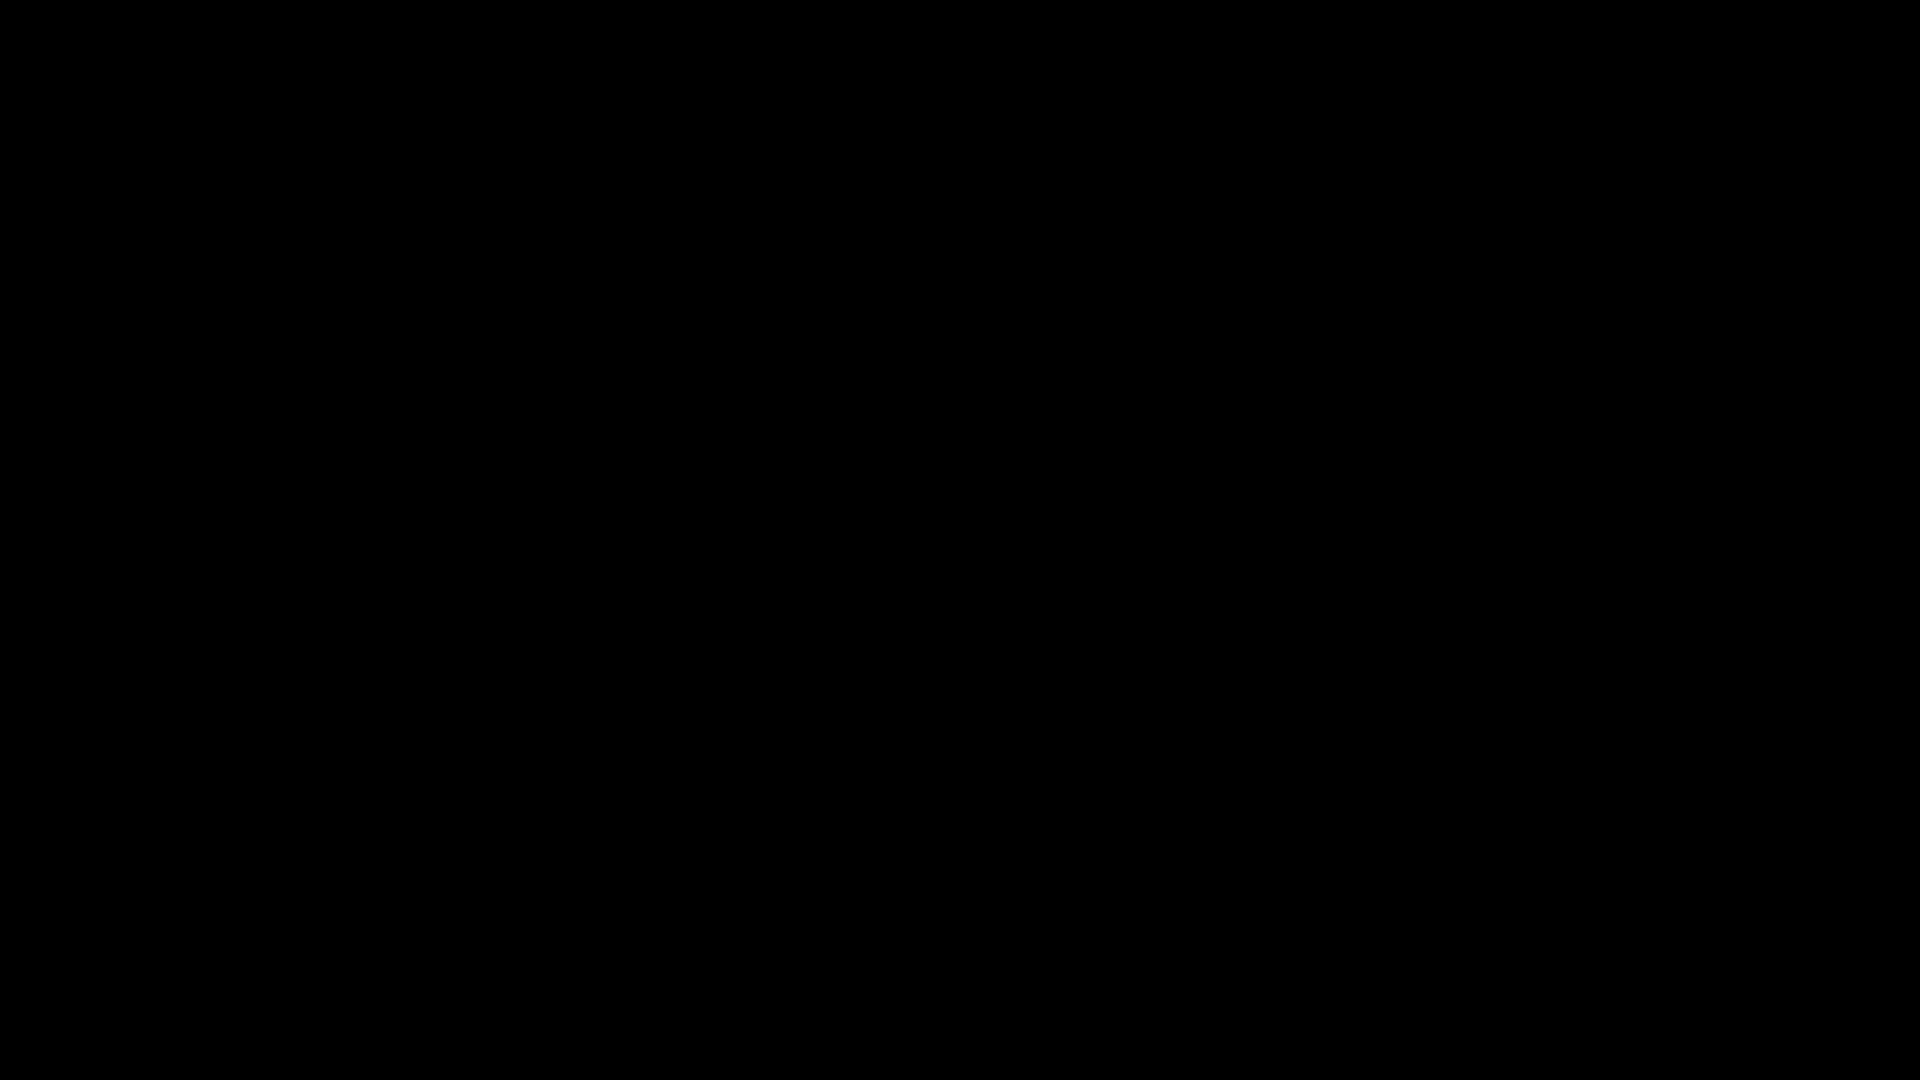 ▲2017_26位▲ うんこをたくさん集めました。トイレの神様 Vol.12 リアルうんこ  86PIX 6